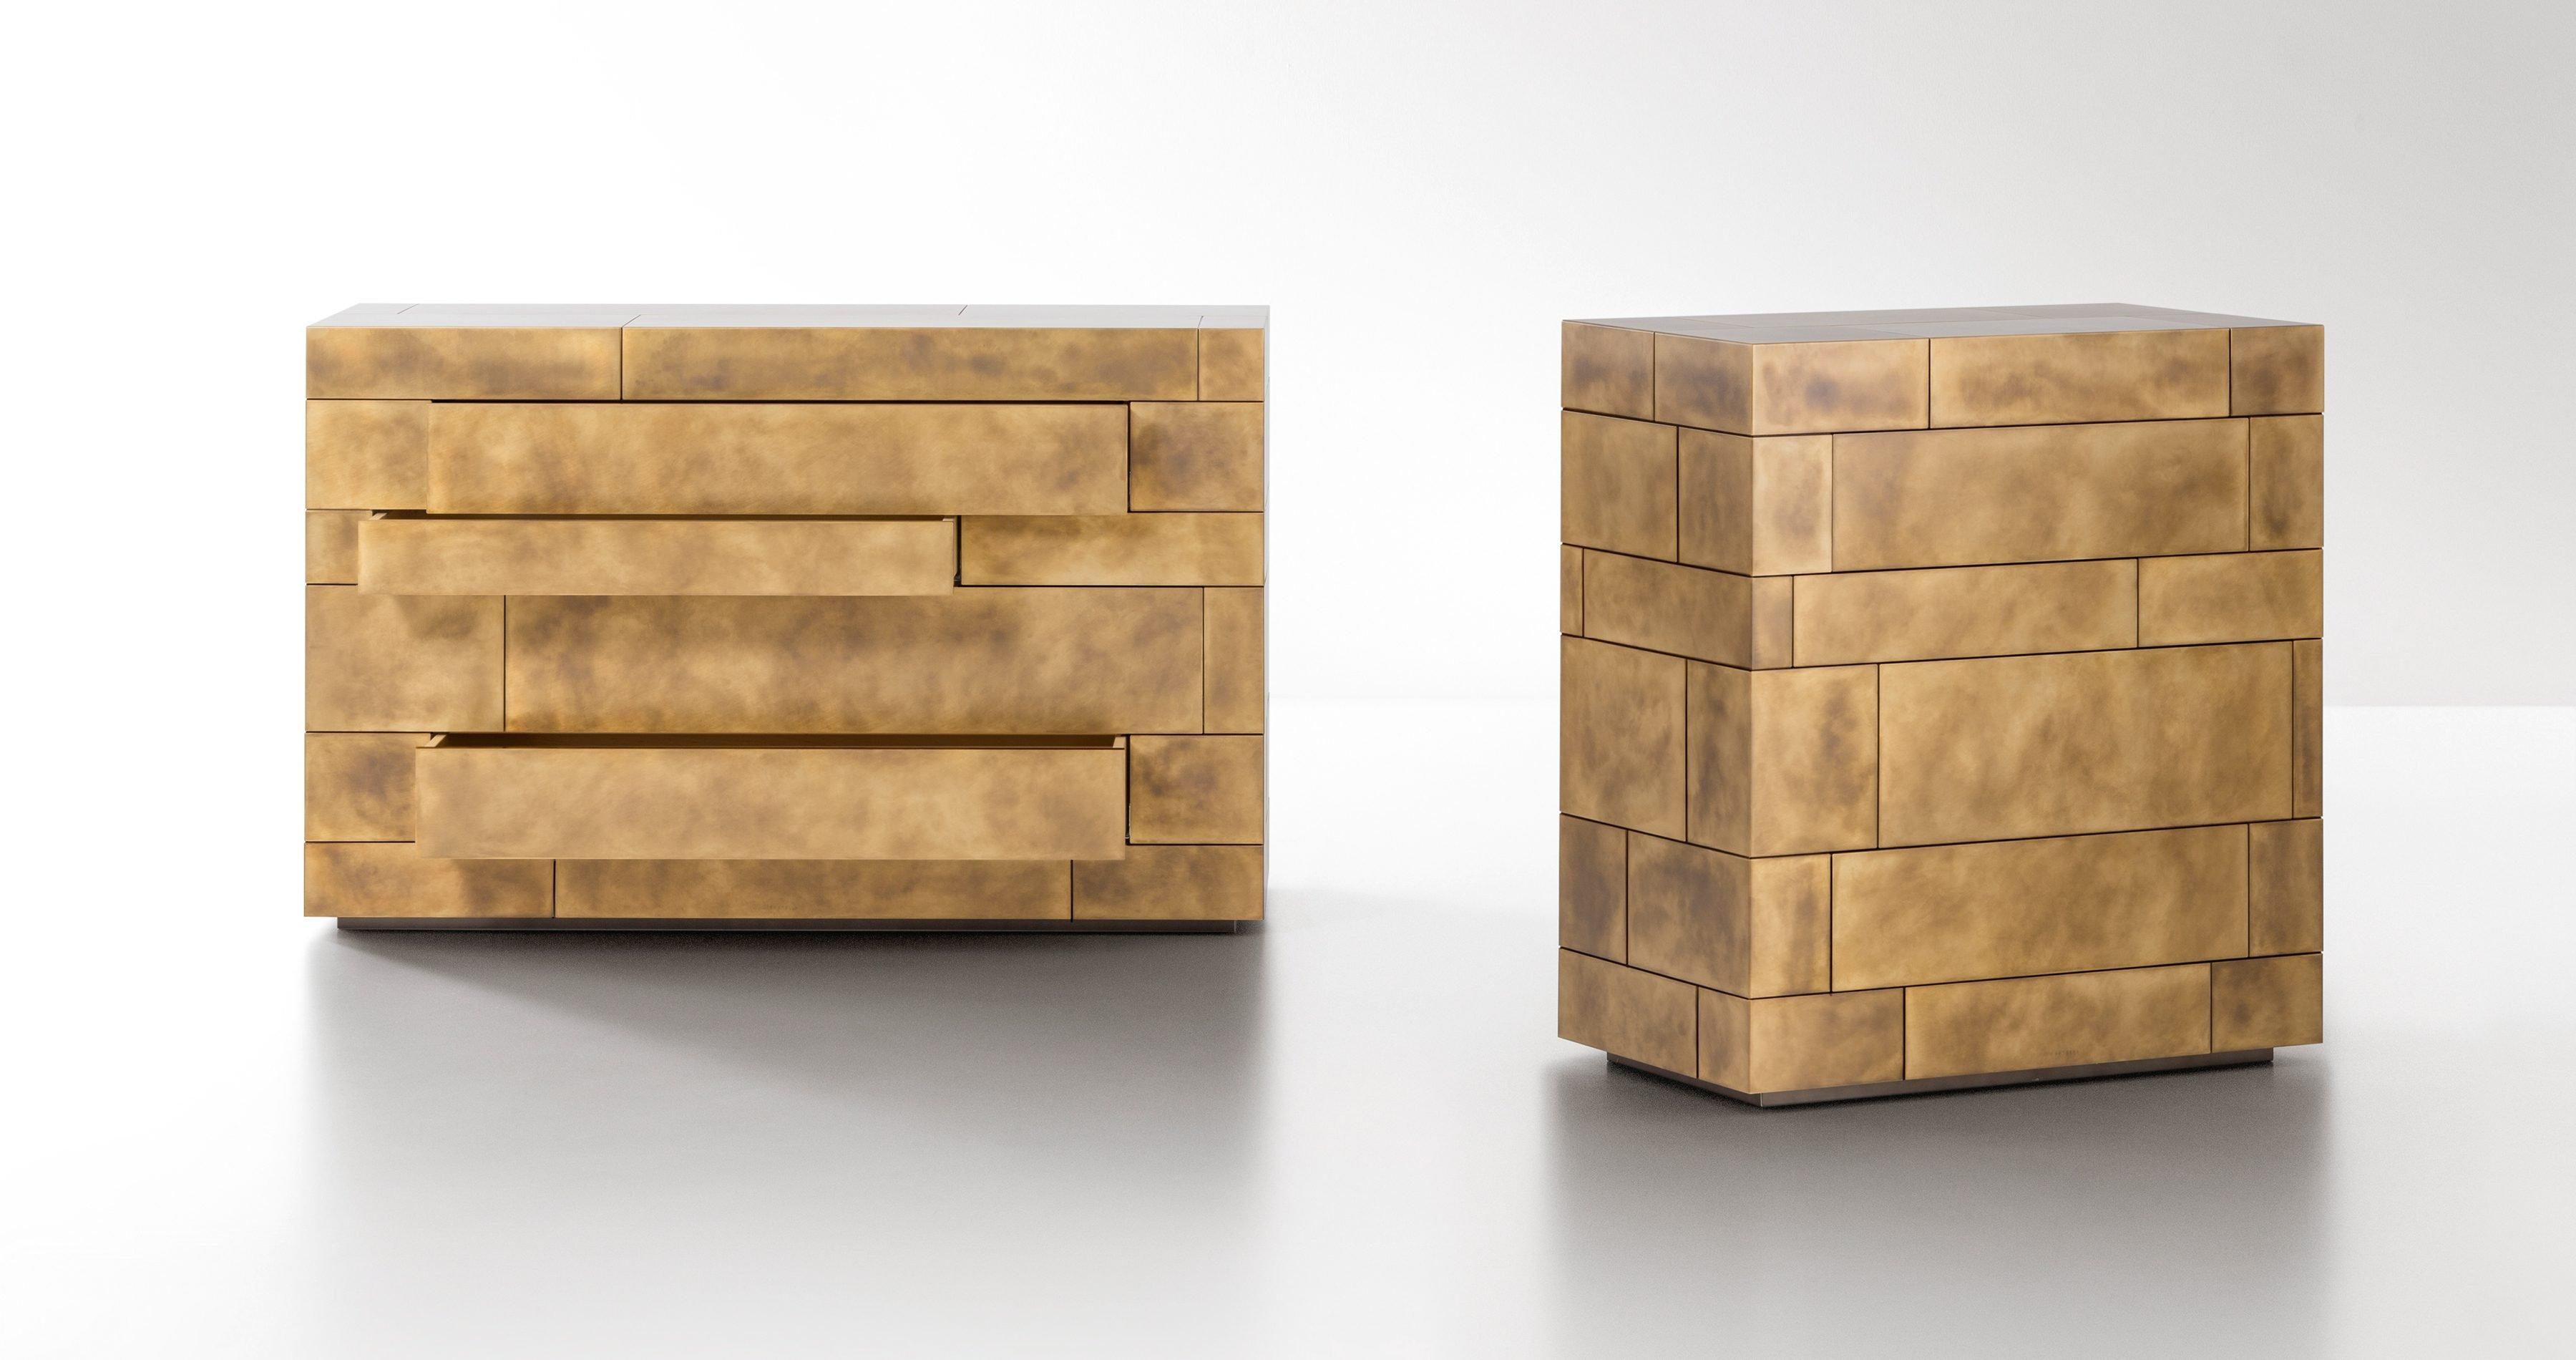 Celato Cabinet from De Castelli, designed by Albino Celato